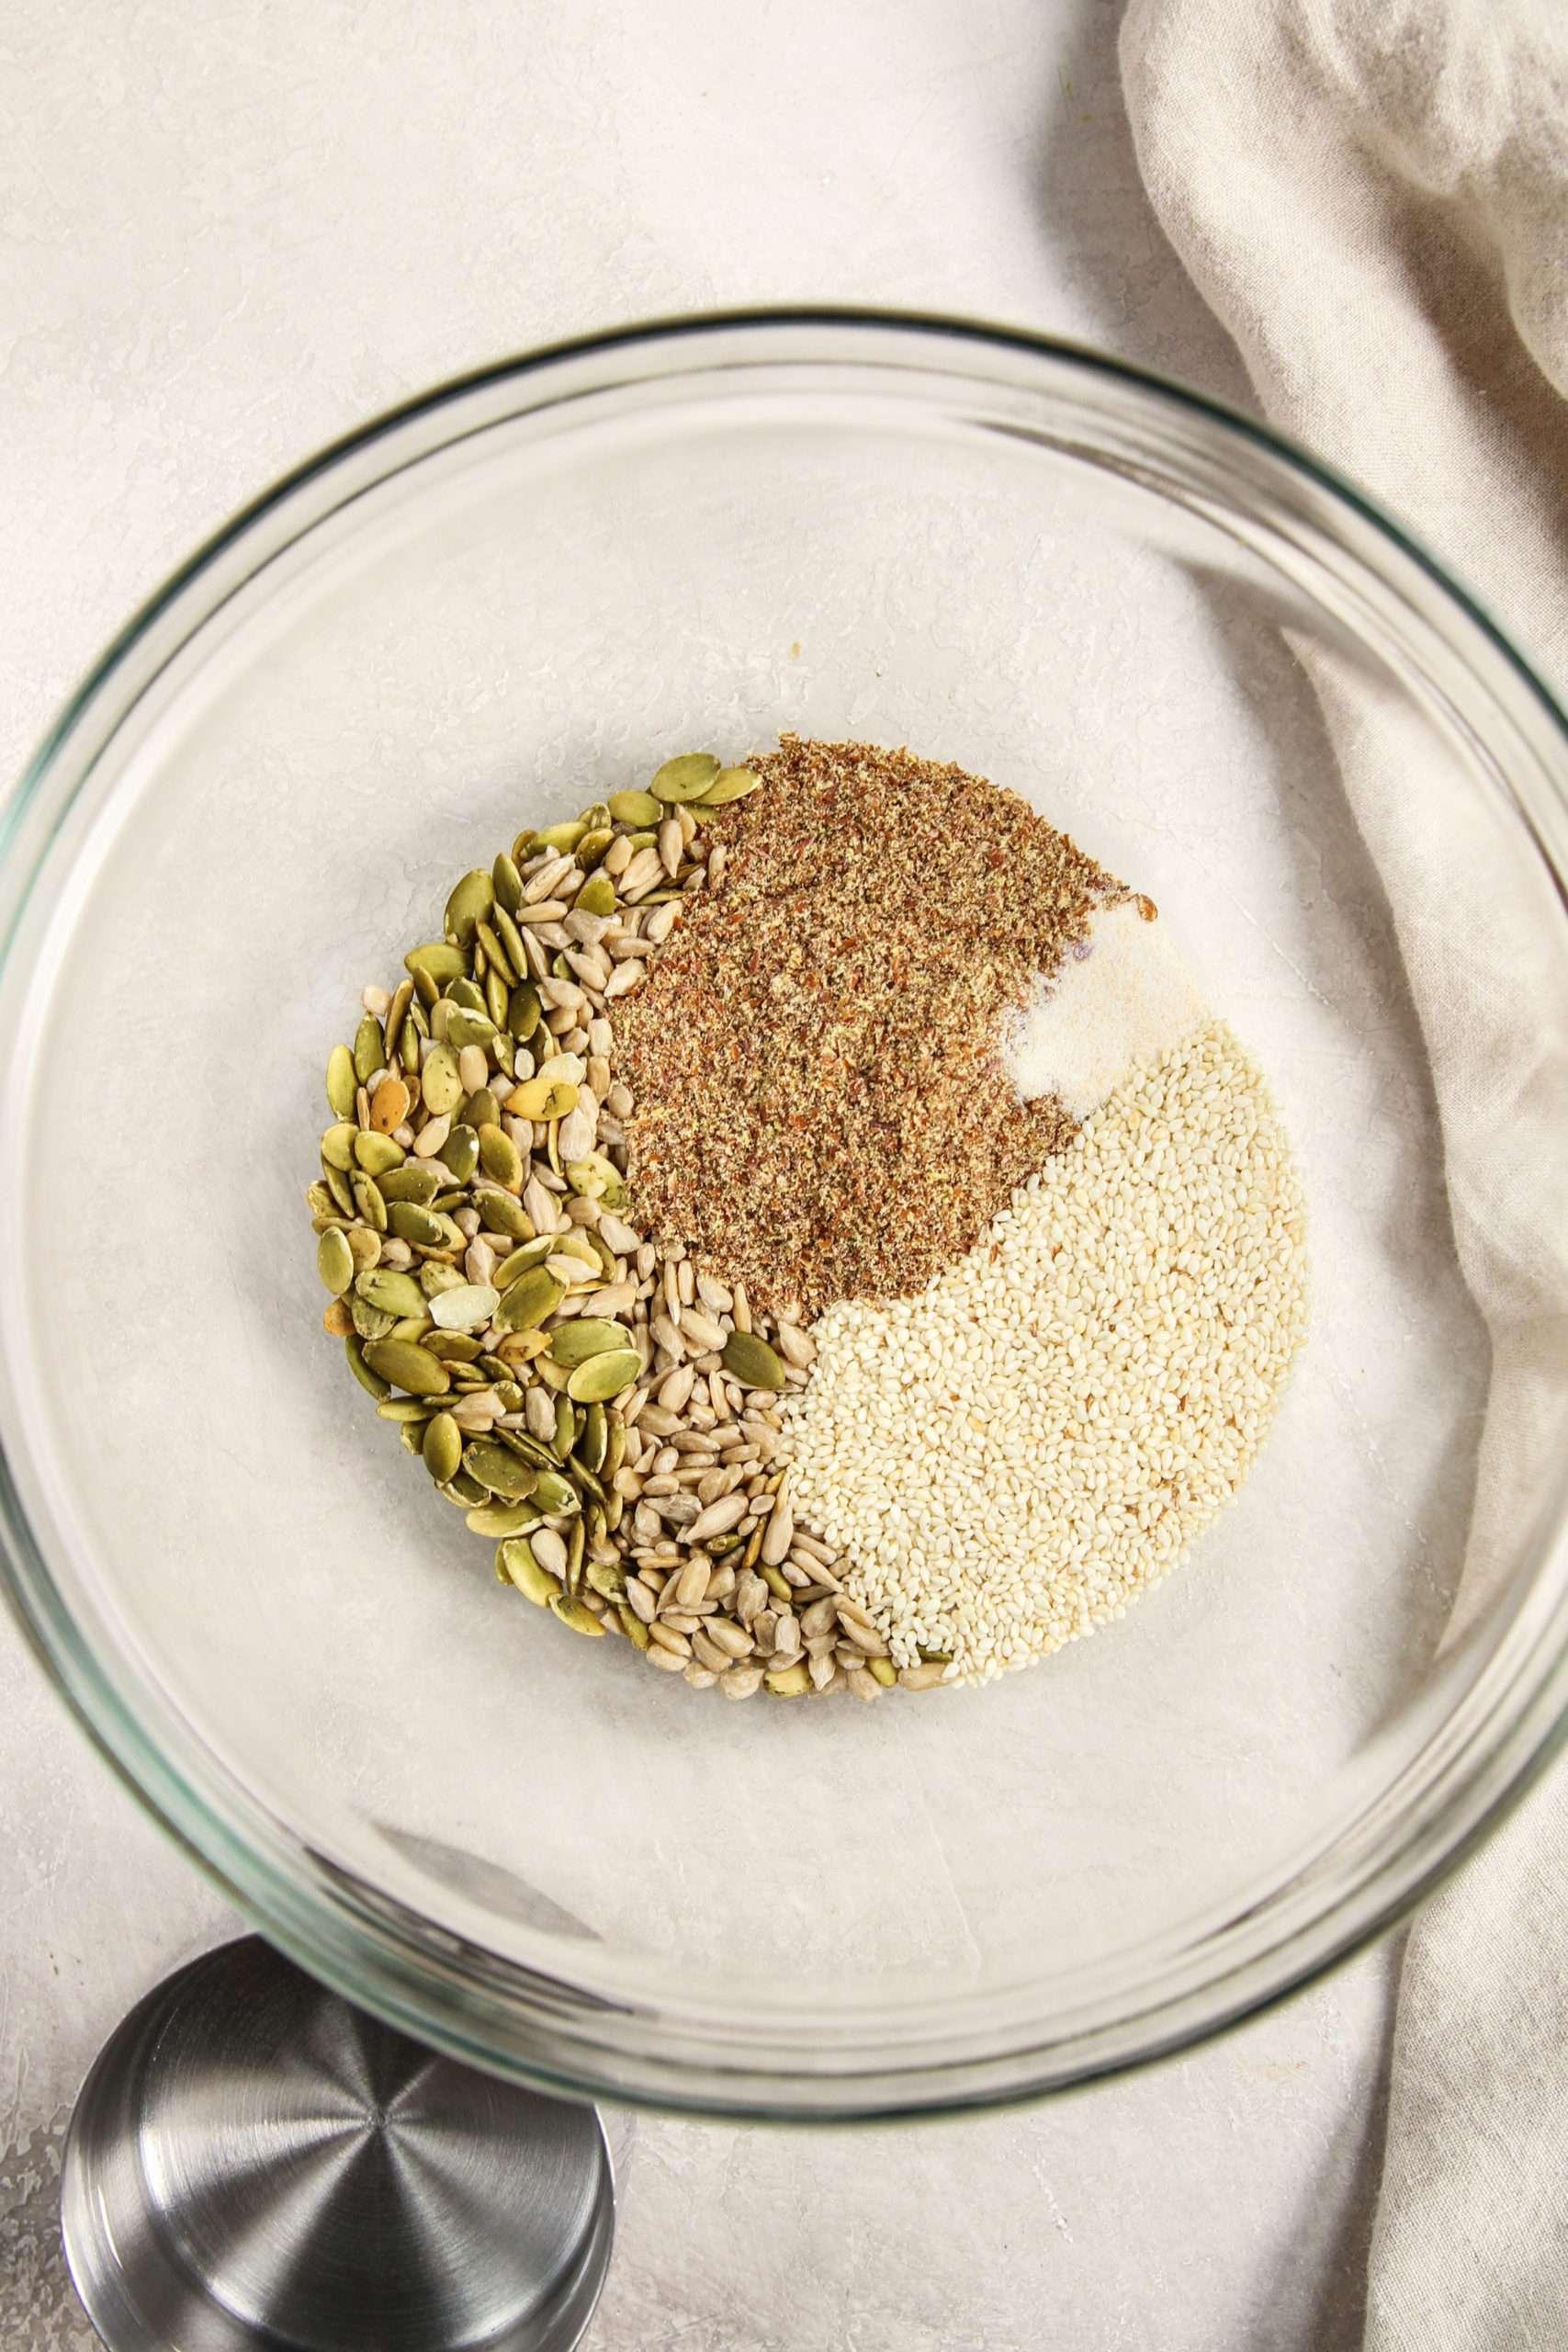 Ingredients used to make 5 ingredient seed crackers